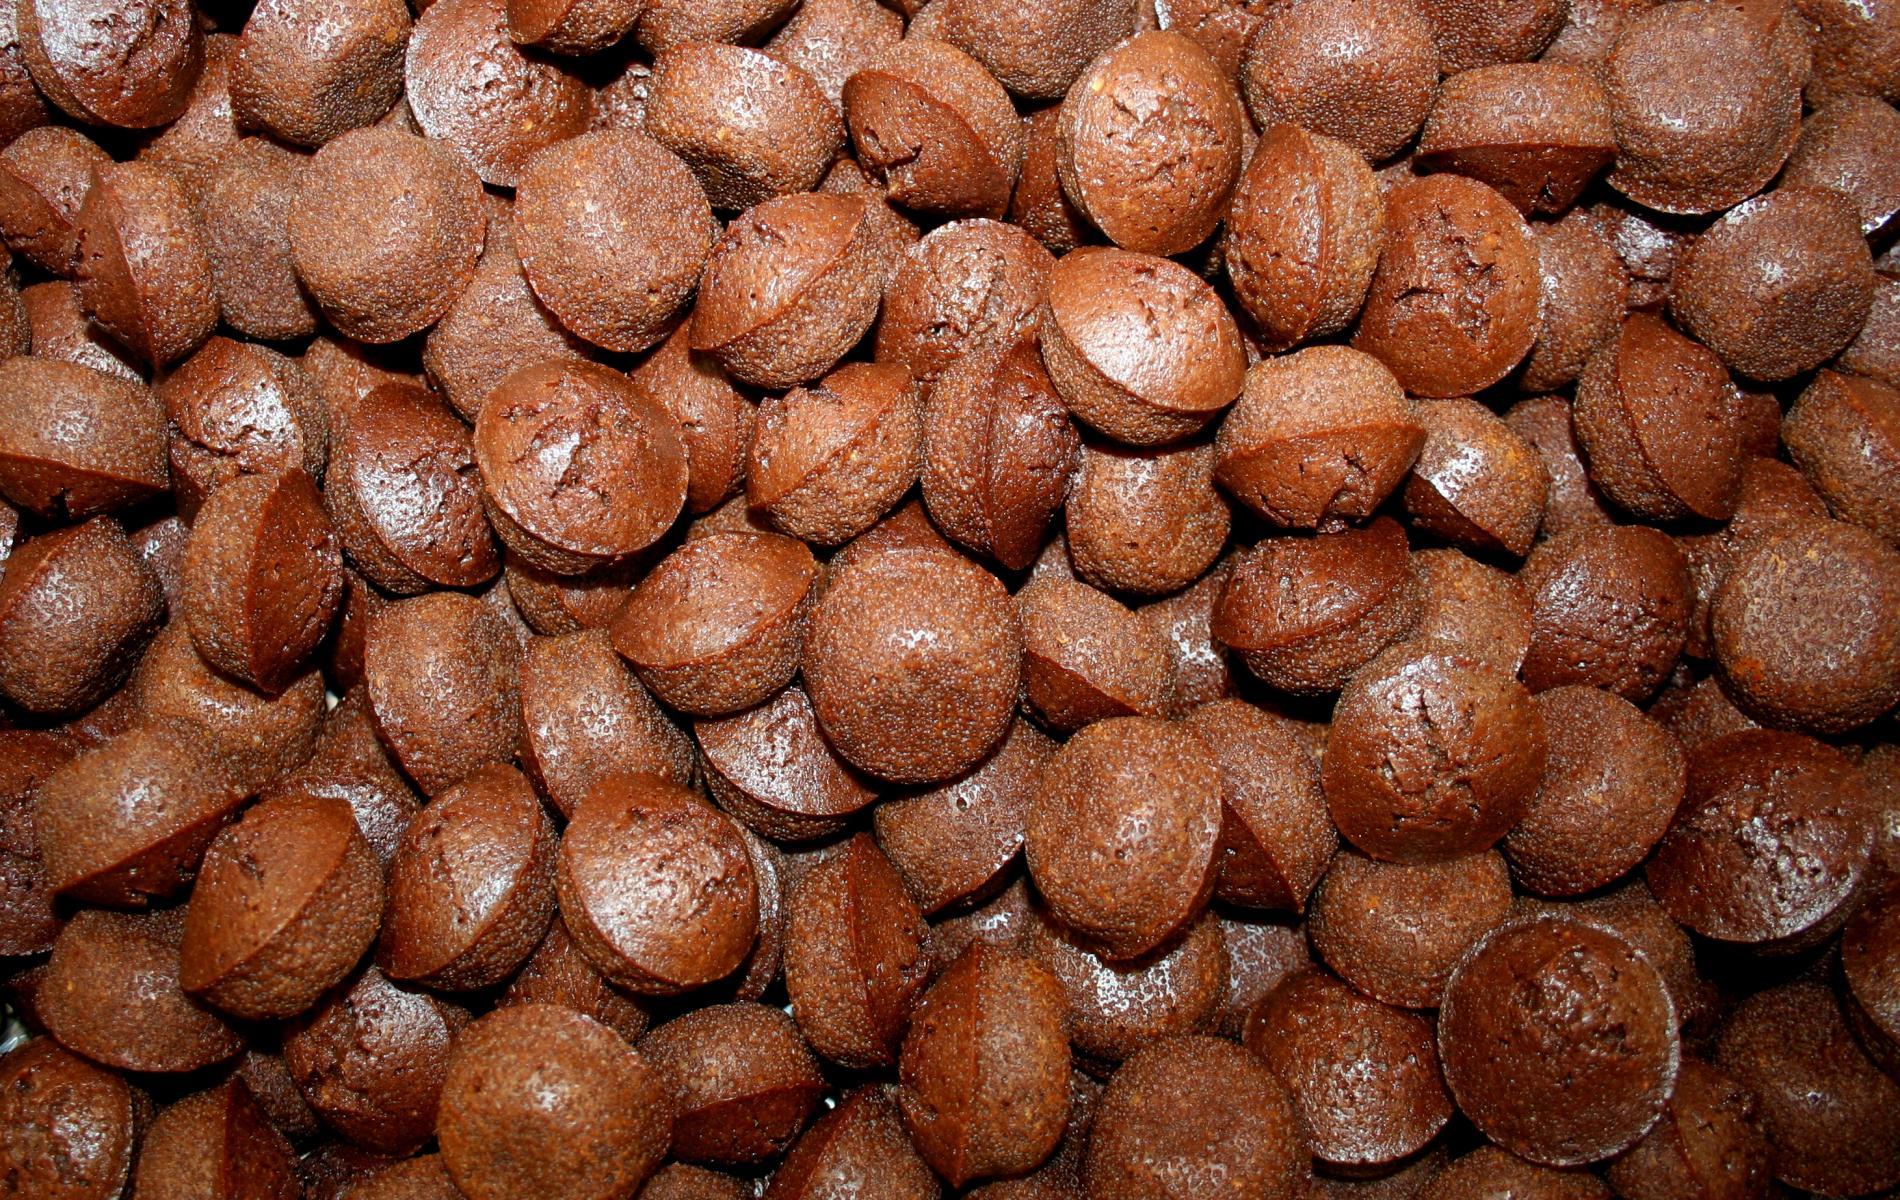 Utilisant la recette initiale du Financier (sans compote de pommes), ces petits moelleux sont vendus désormais en Vrac : carton de 2,8 kg.  DLC : 2 mois